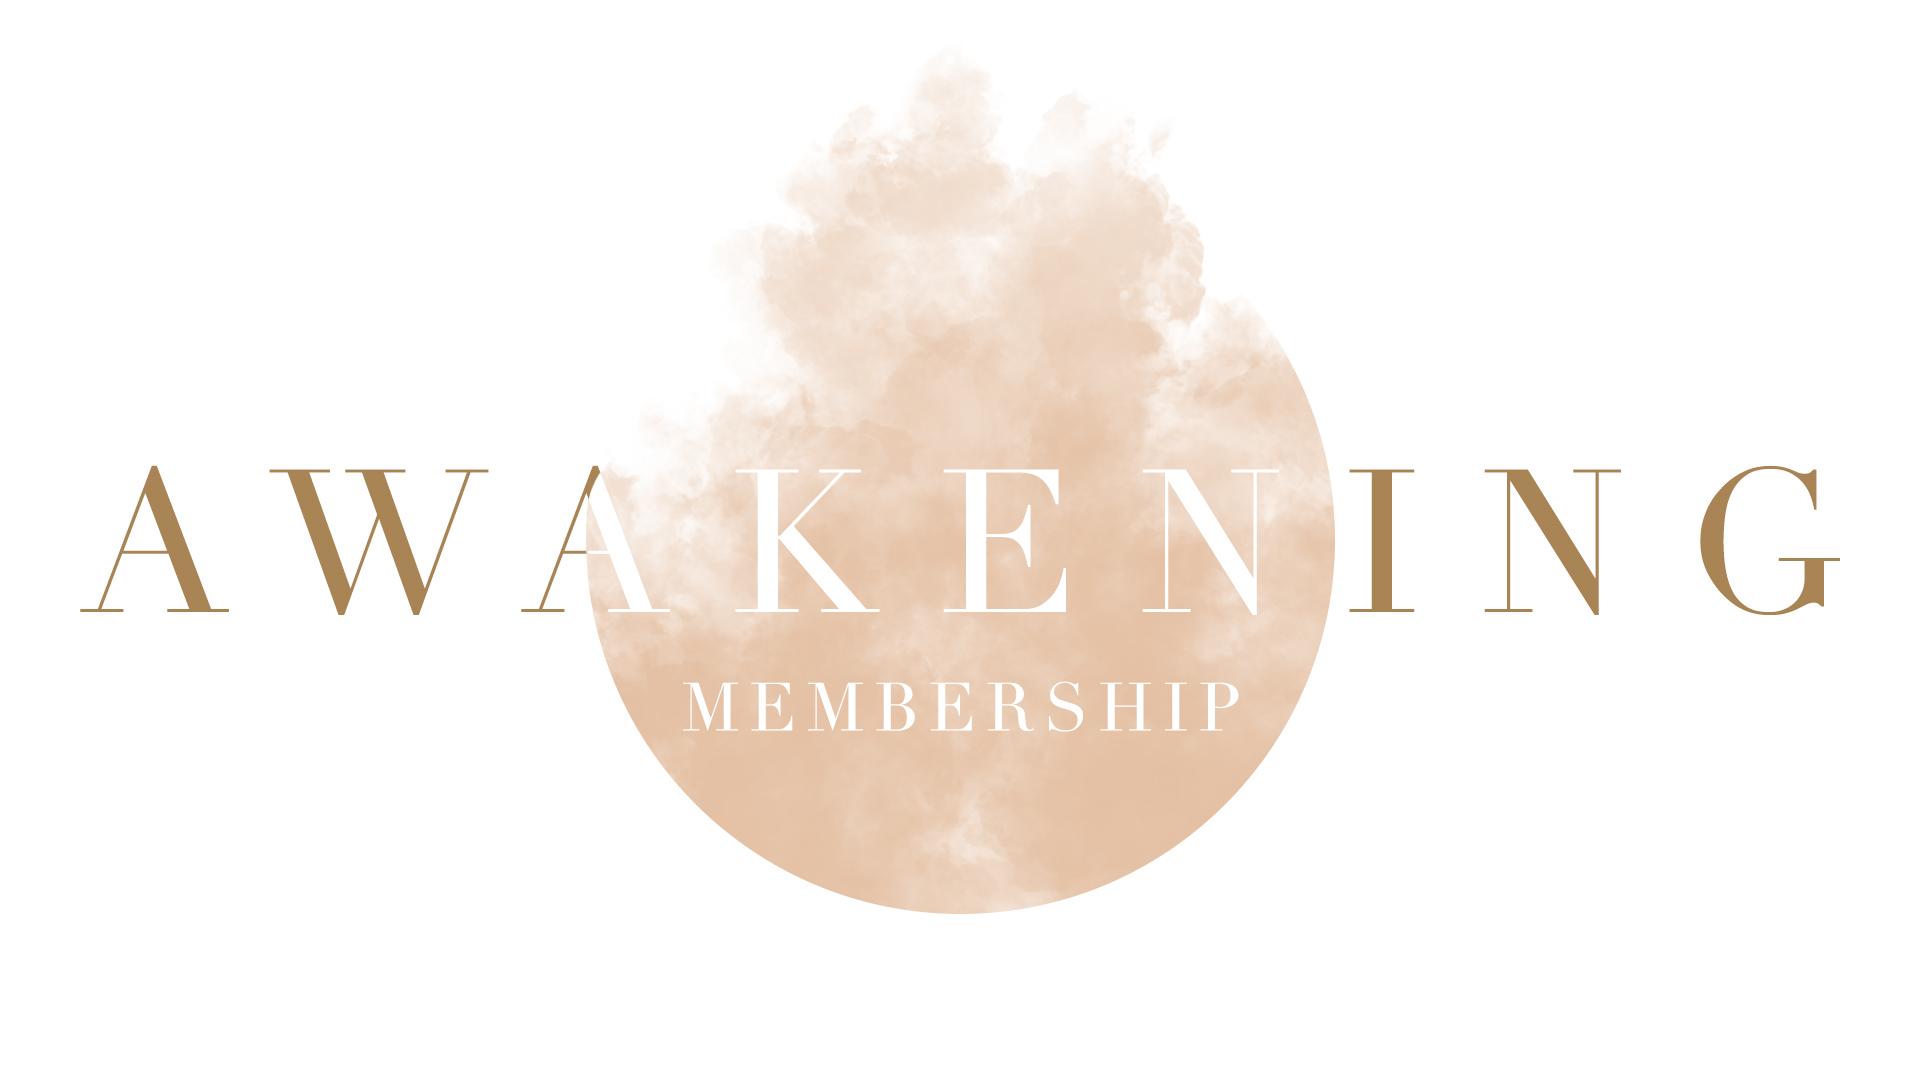 awakening membership title.jpg